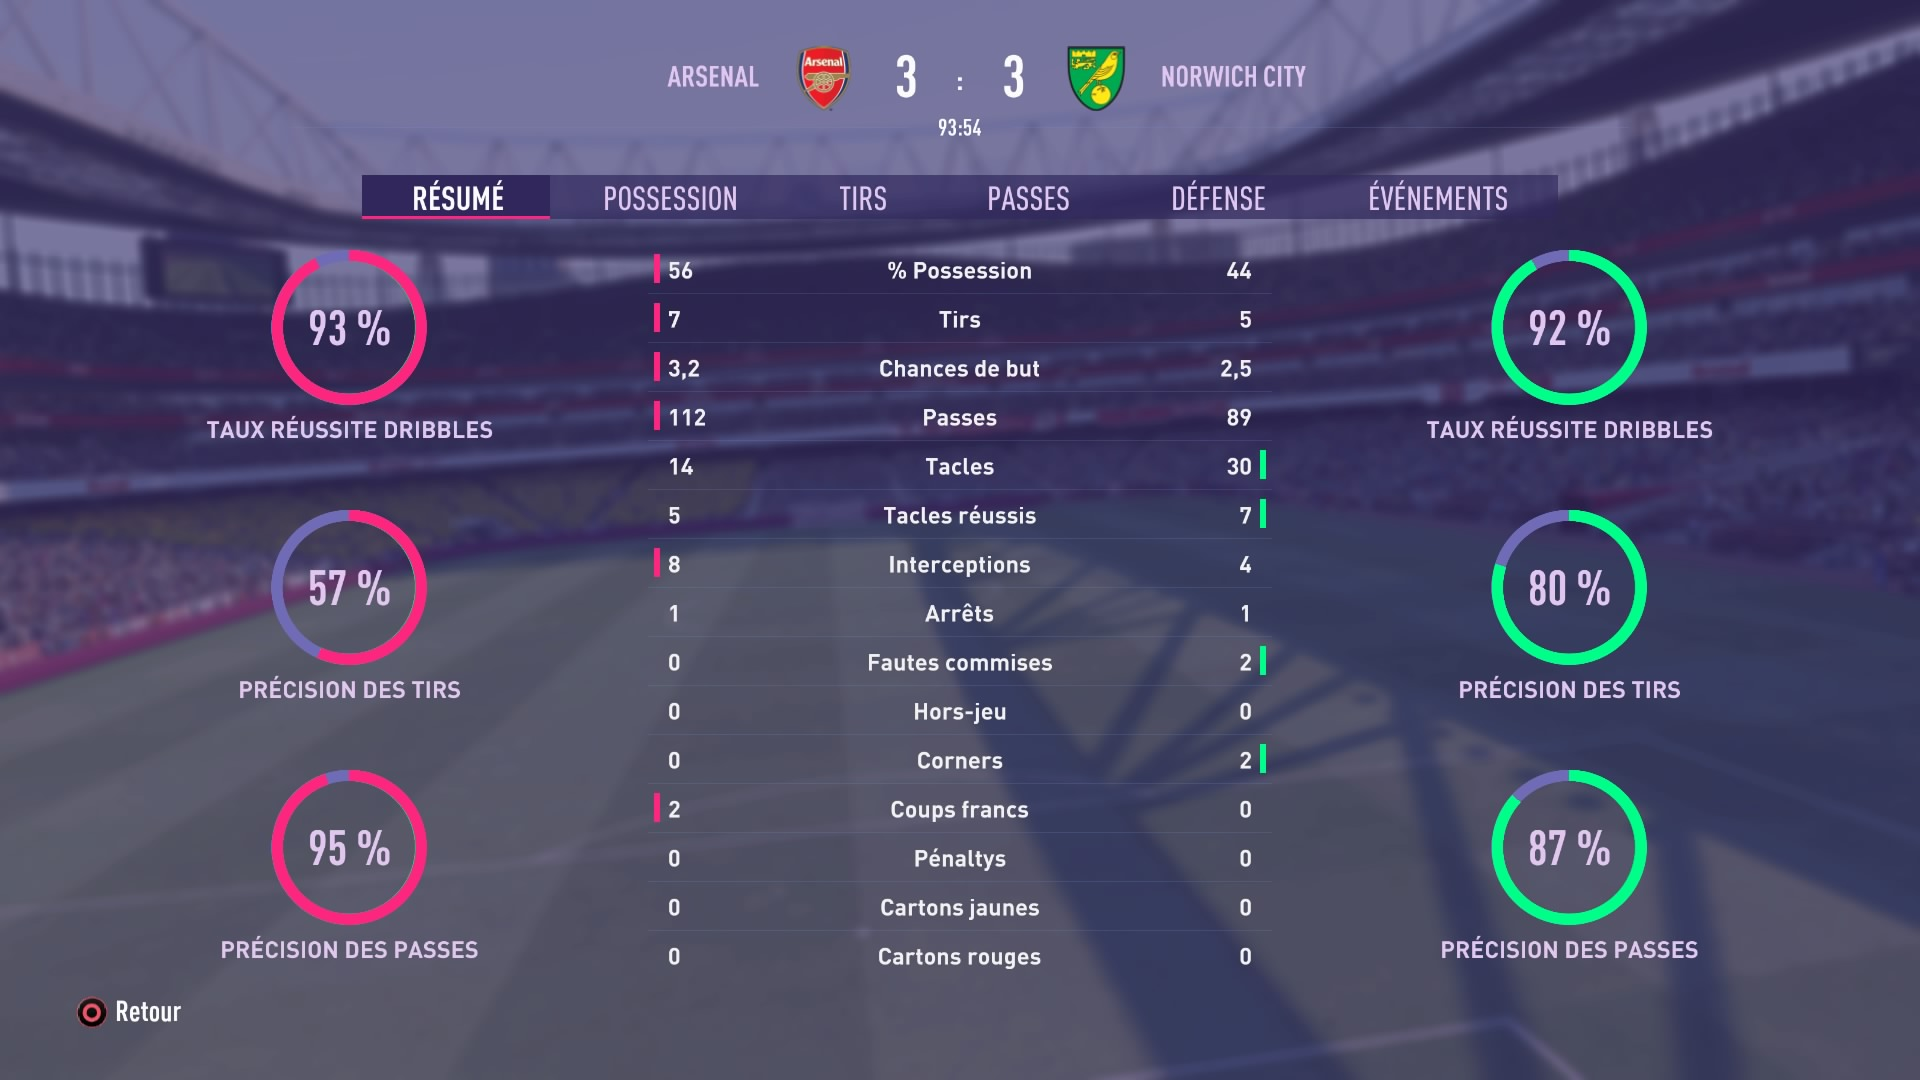 [FIFA 22] Story | Les Canaries à l'aube d'une nouvelle ère Fifa_258